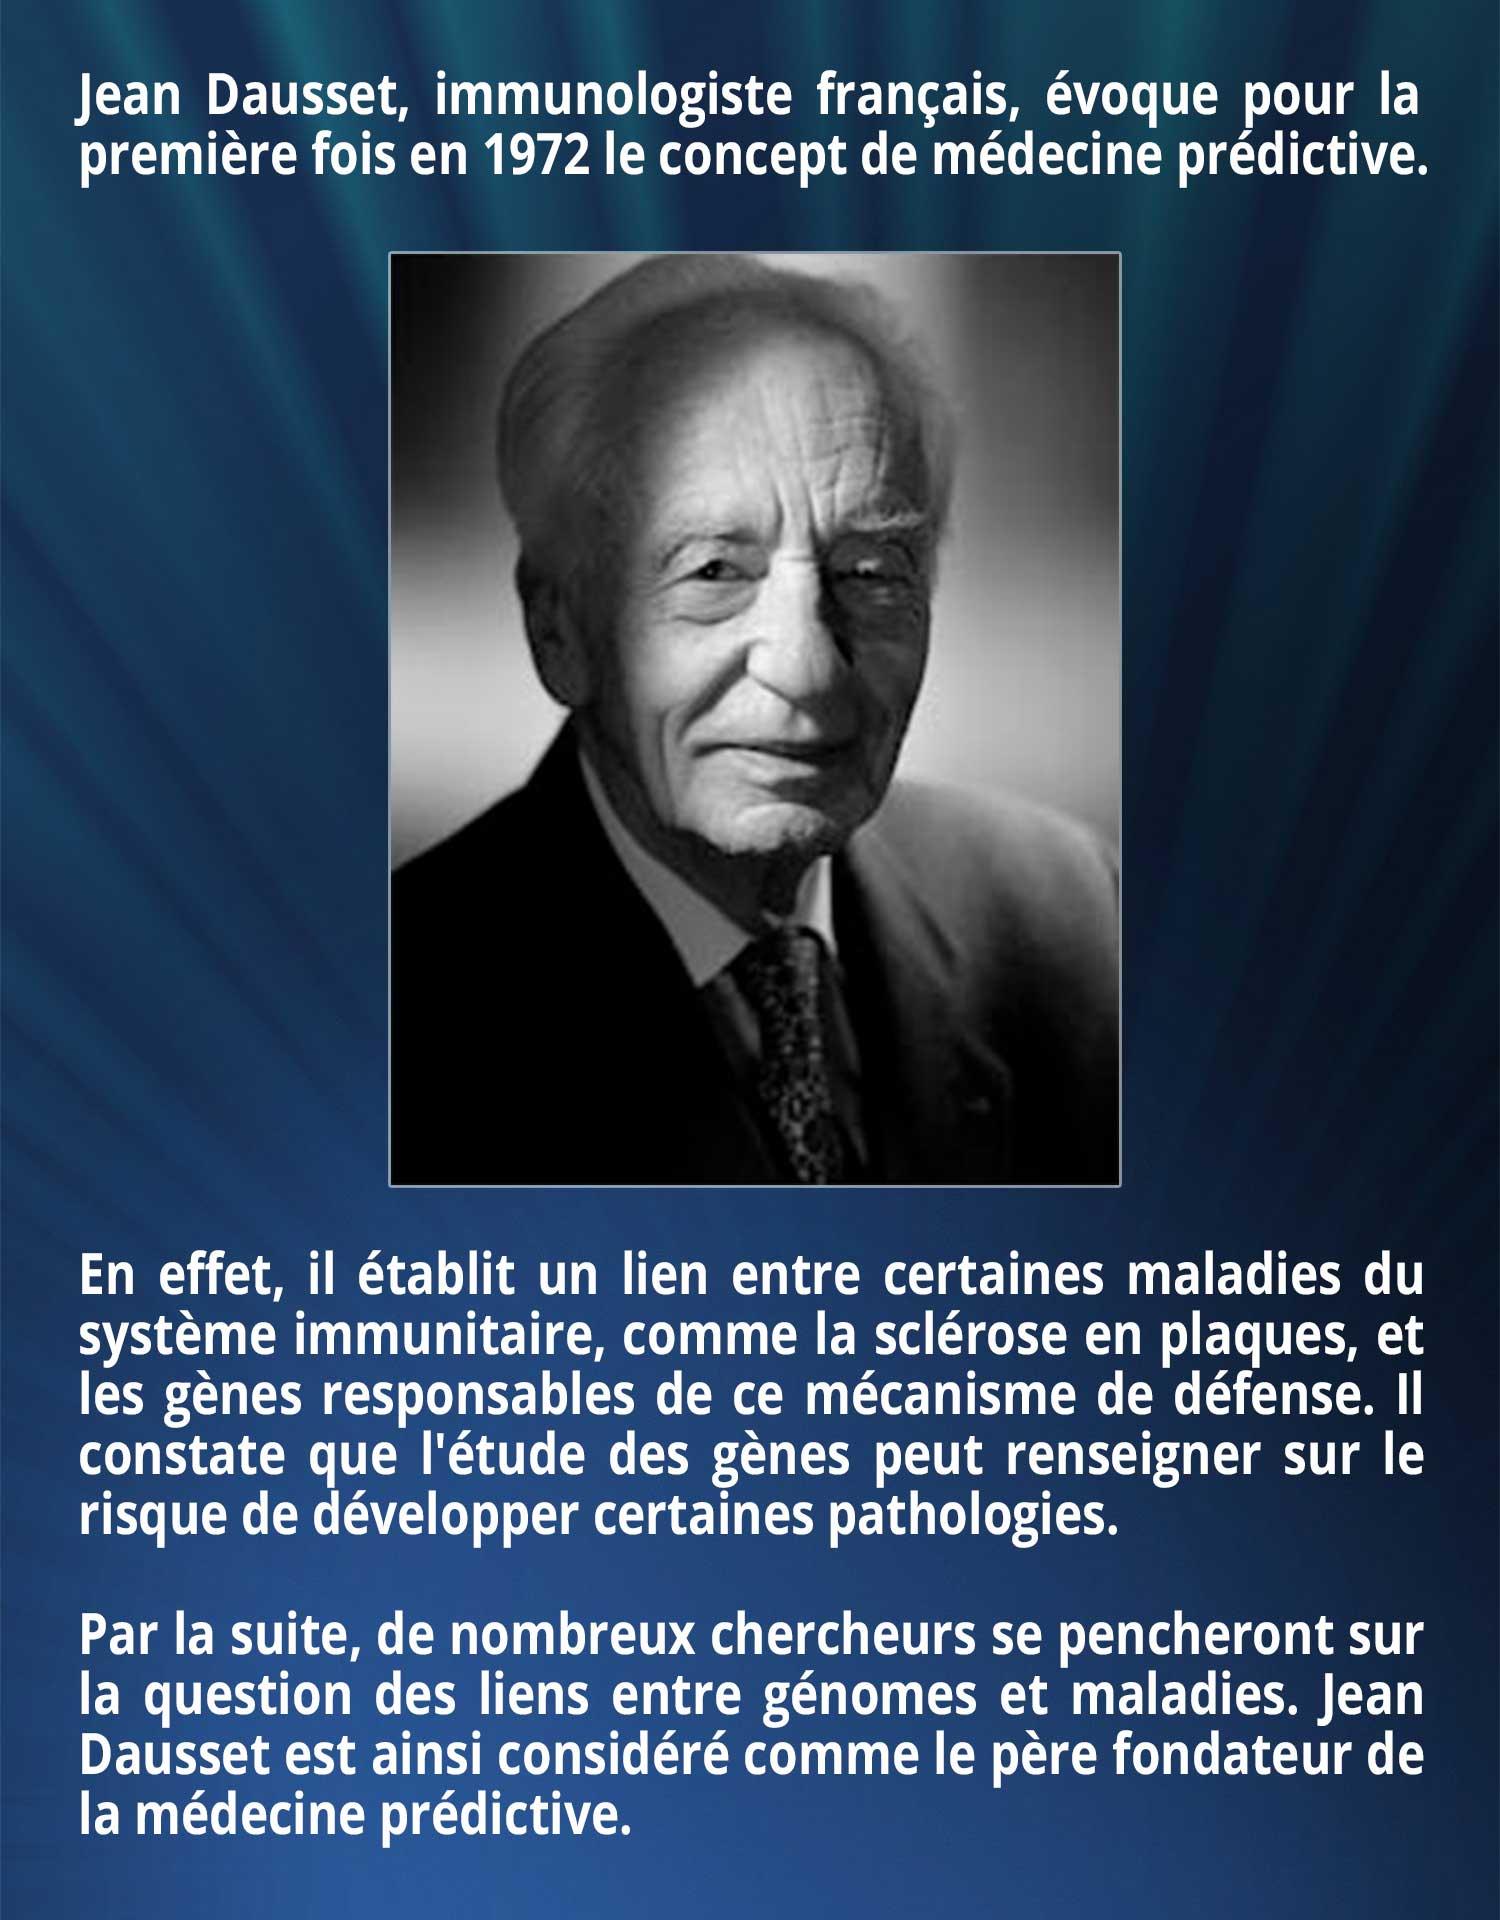 Jean Dausset, immunologiste français, évoque pour la première fois en 1972 le concept de médecine prédictive. En effet, il établit un lien entre certaines maladies du système immunitaire, comme la sclérose en plaques, et les gènes responsables de ce mécanisme de défense. Il constate que l'étude des gènes peut renseigner sur le risque de développer certaines pathologies. Par la suite, de nombreux chercheurs se pencheront sur la question des liens entre génomes et maladies. Jean Dausset est ainsi considéré comme le père fondateur de la médecine prédictive.